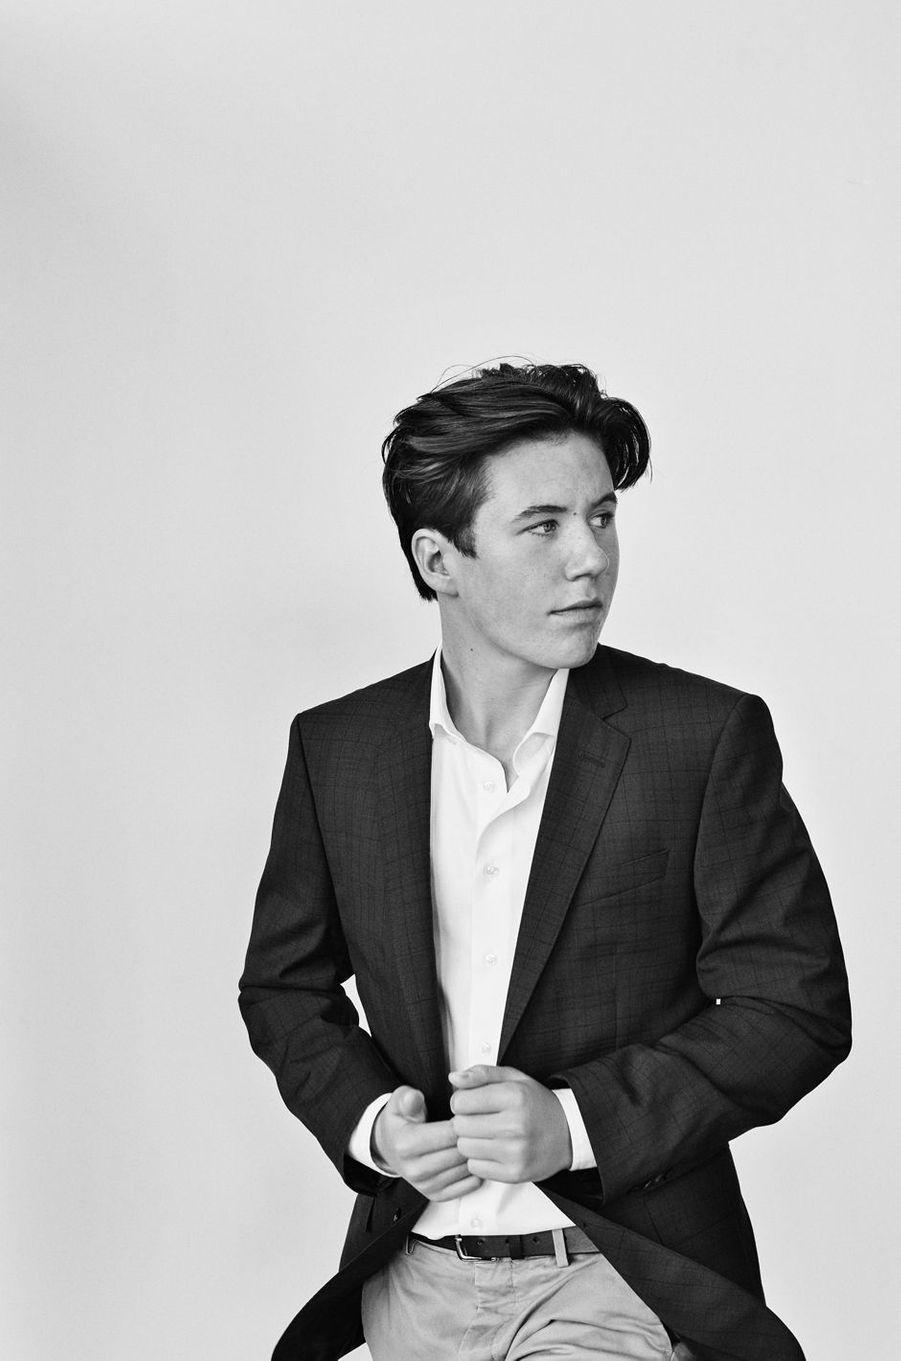 Le prince Christian de Danemark. L'un des portraits diffusés le 15 octobre 2020 pour son 15e anniversaire